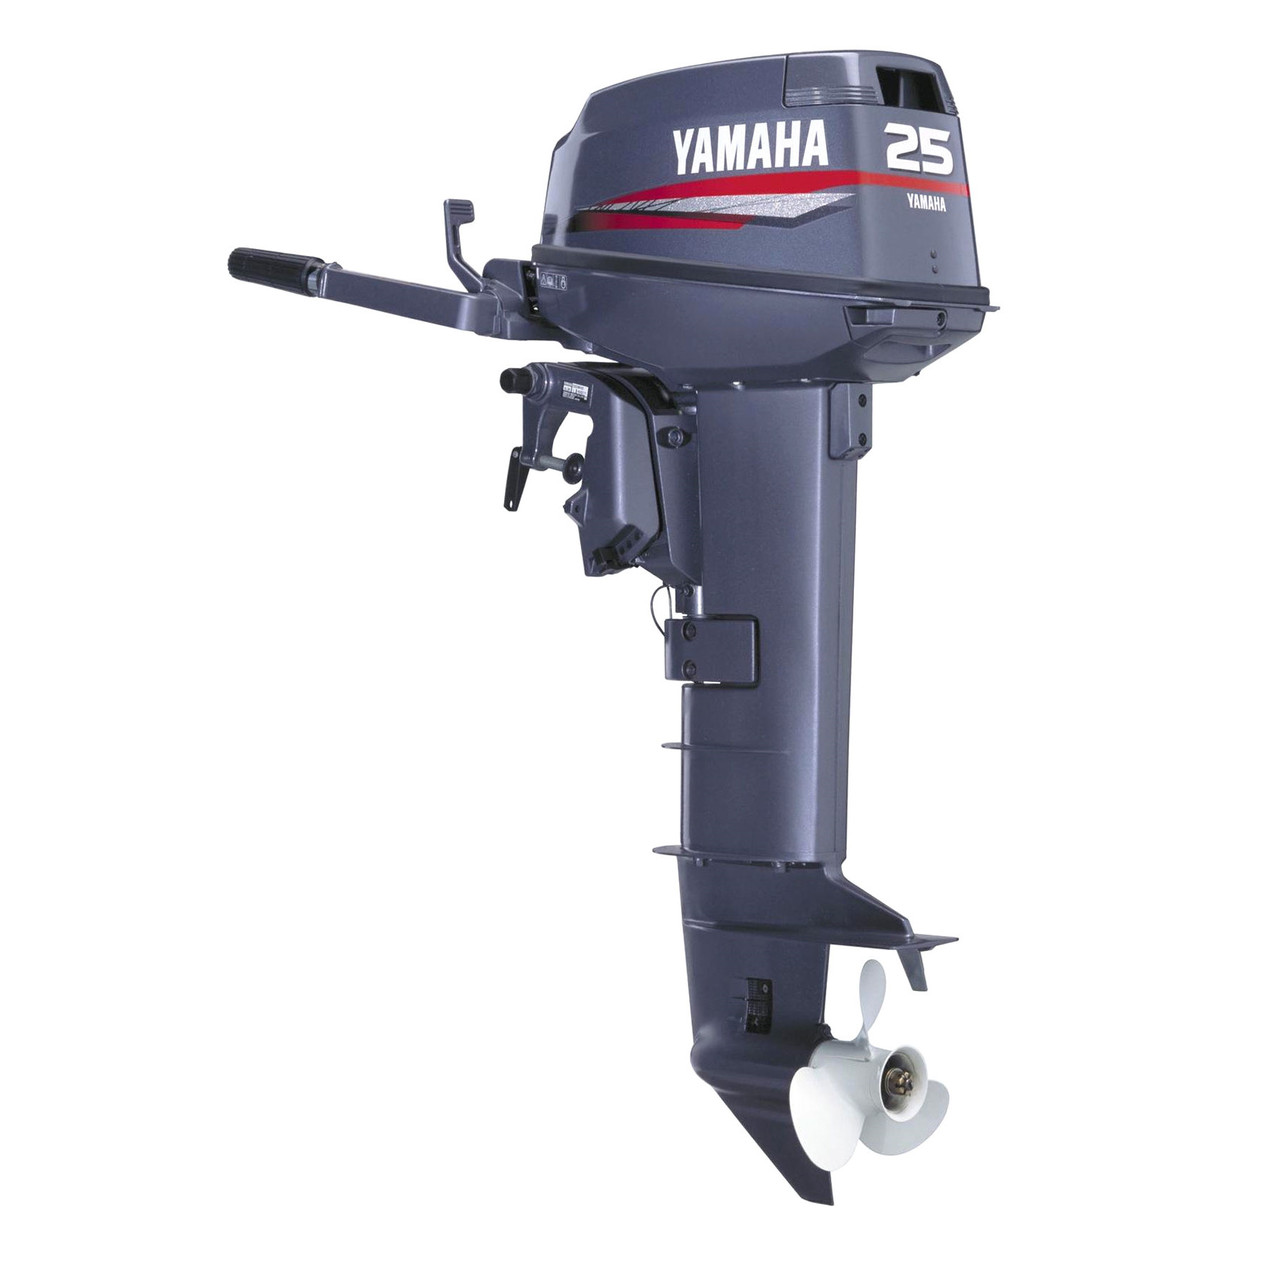 Двигун для човна Yamaha 25 NMHOS - підвісний двигун для яхт і рибальських човнів